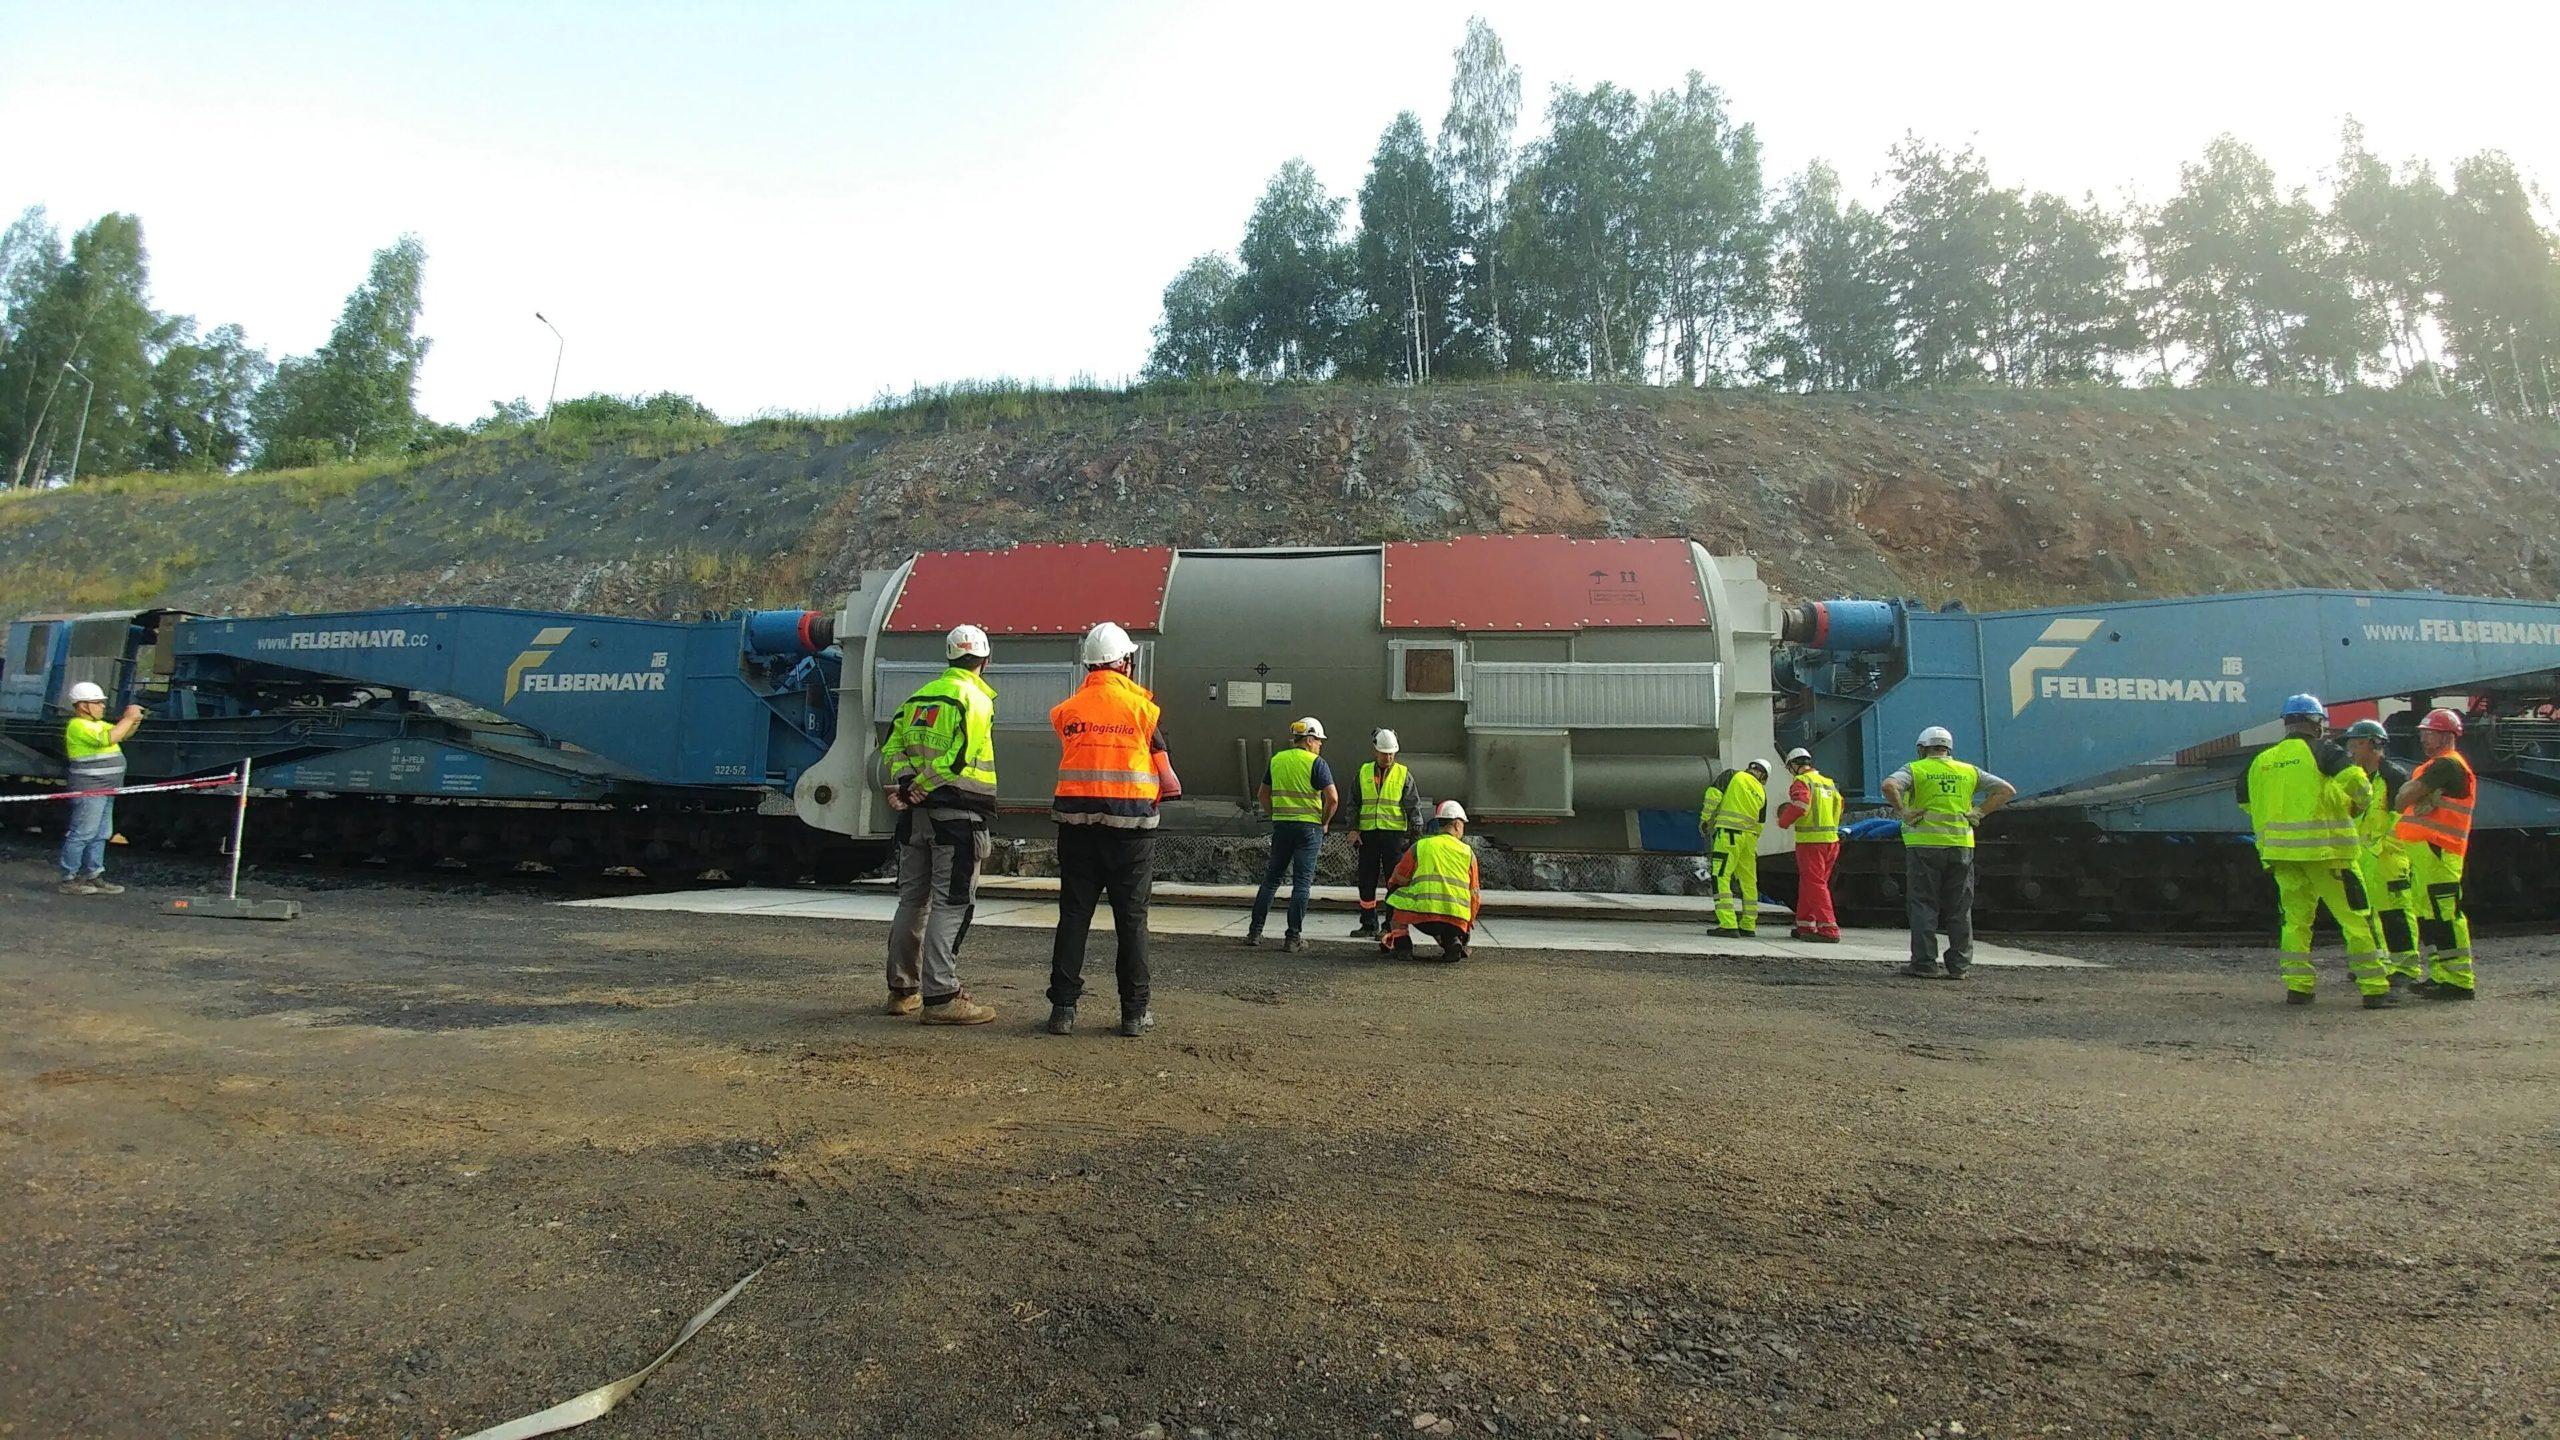 Transport specjalny, dostawa ładunku ponadgabarytowego wagonem kolejowym